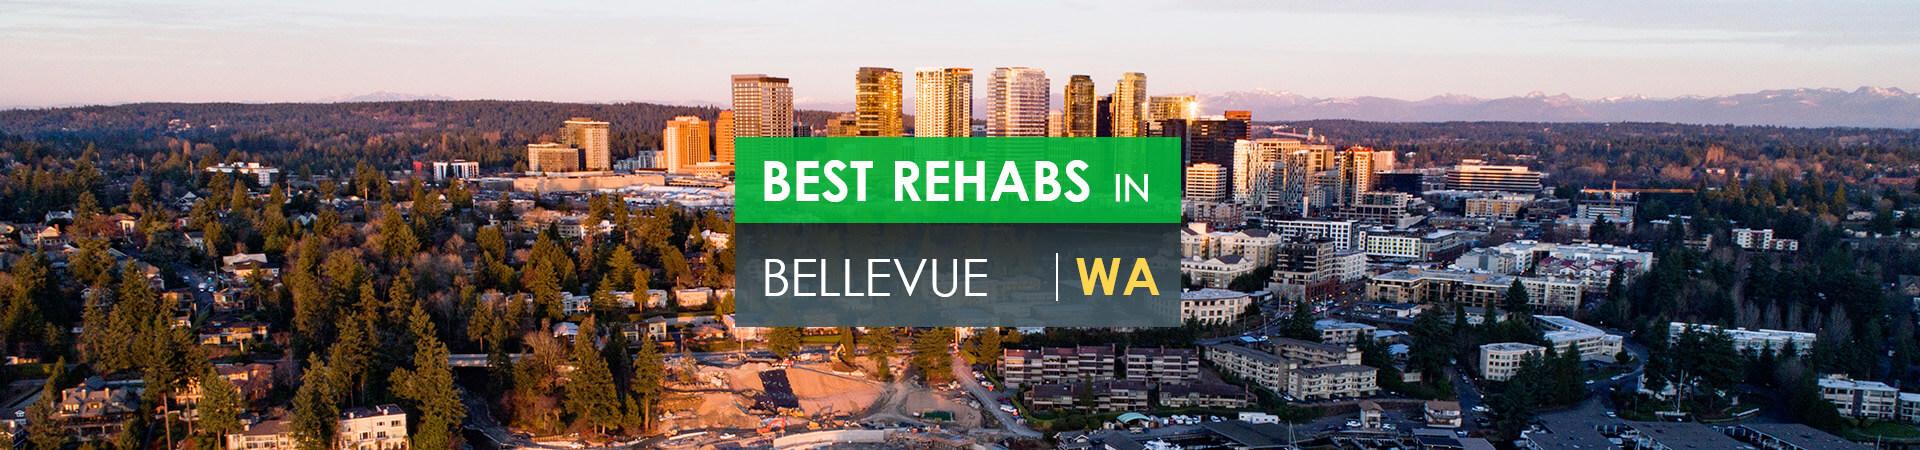 Best rehabs in Bellevue, WA